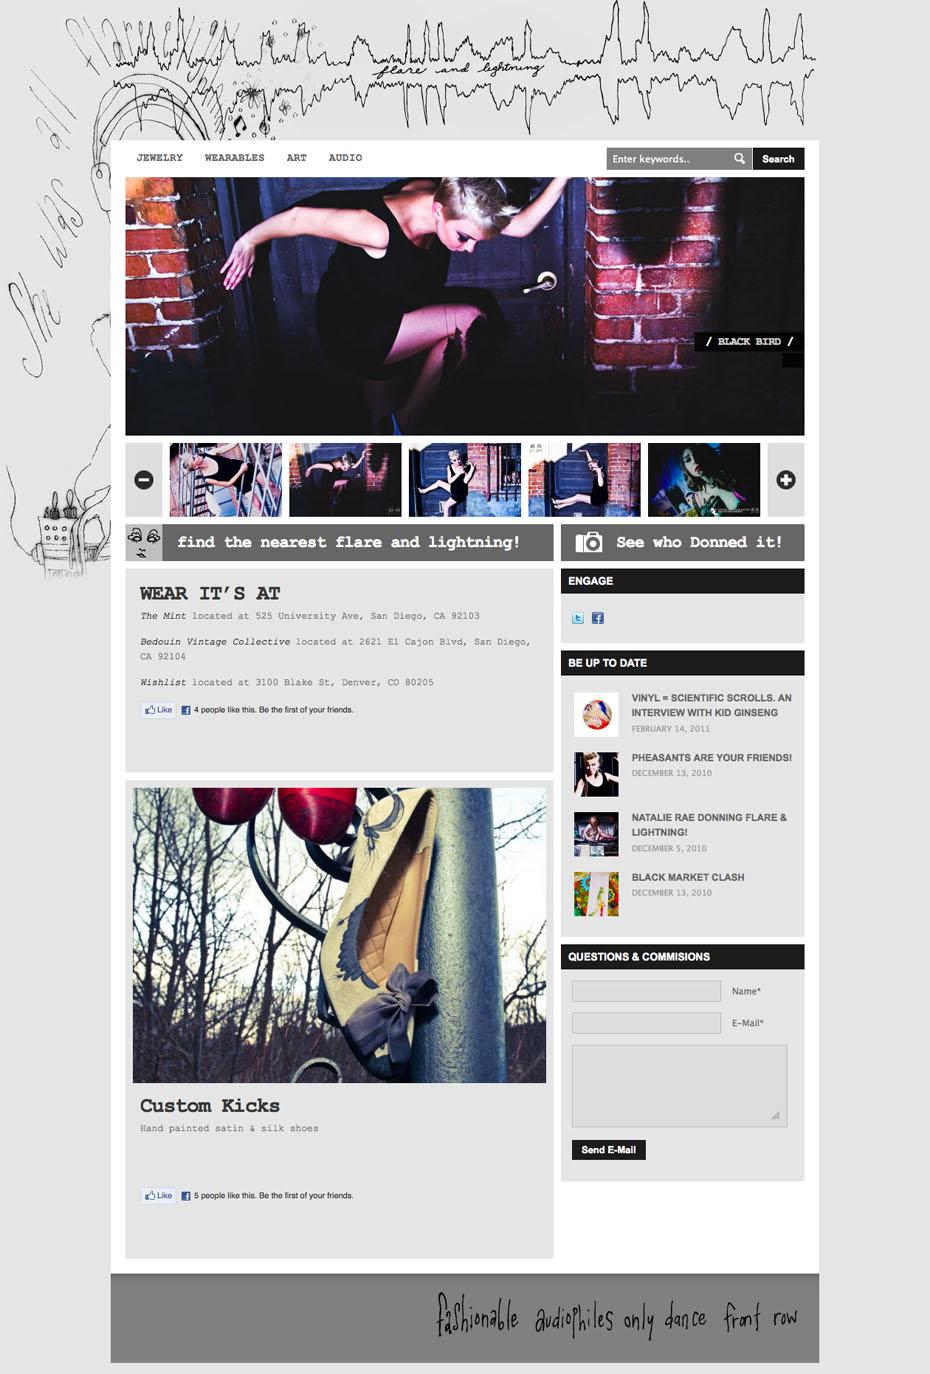 andre_couturier_maitret_websites-flareandlightning